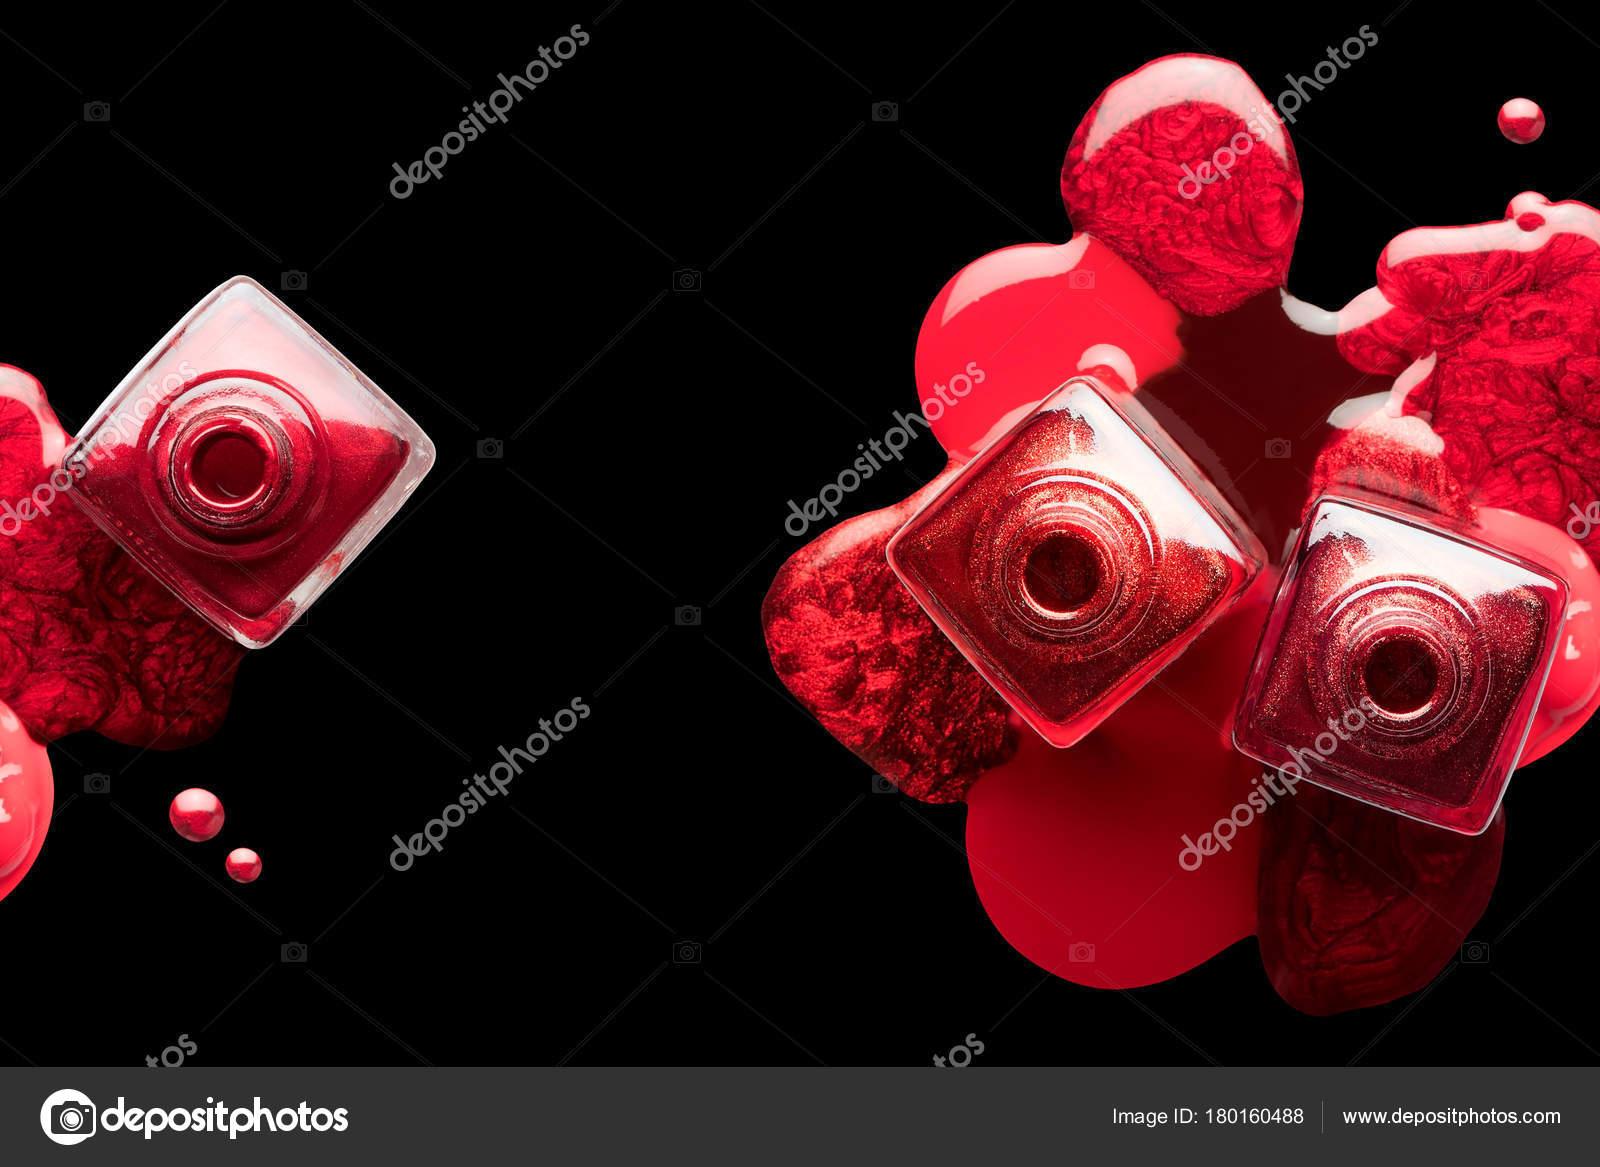 Arte de uñas y manicura concepto. Esmalte de uñas rojo metálico ...